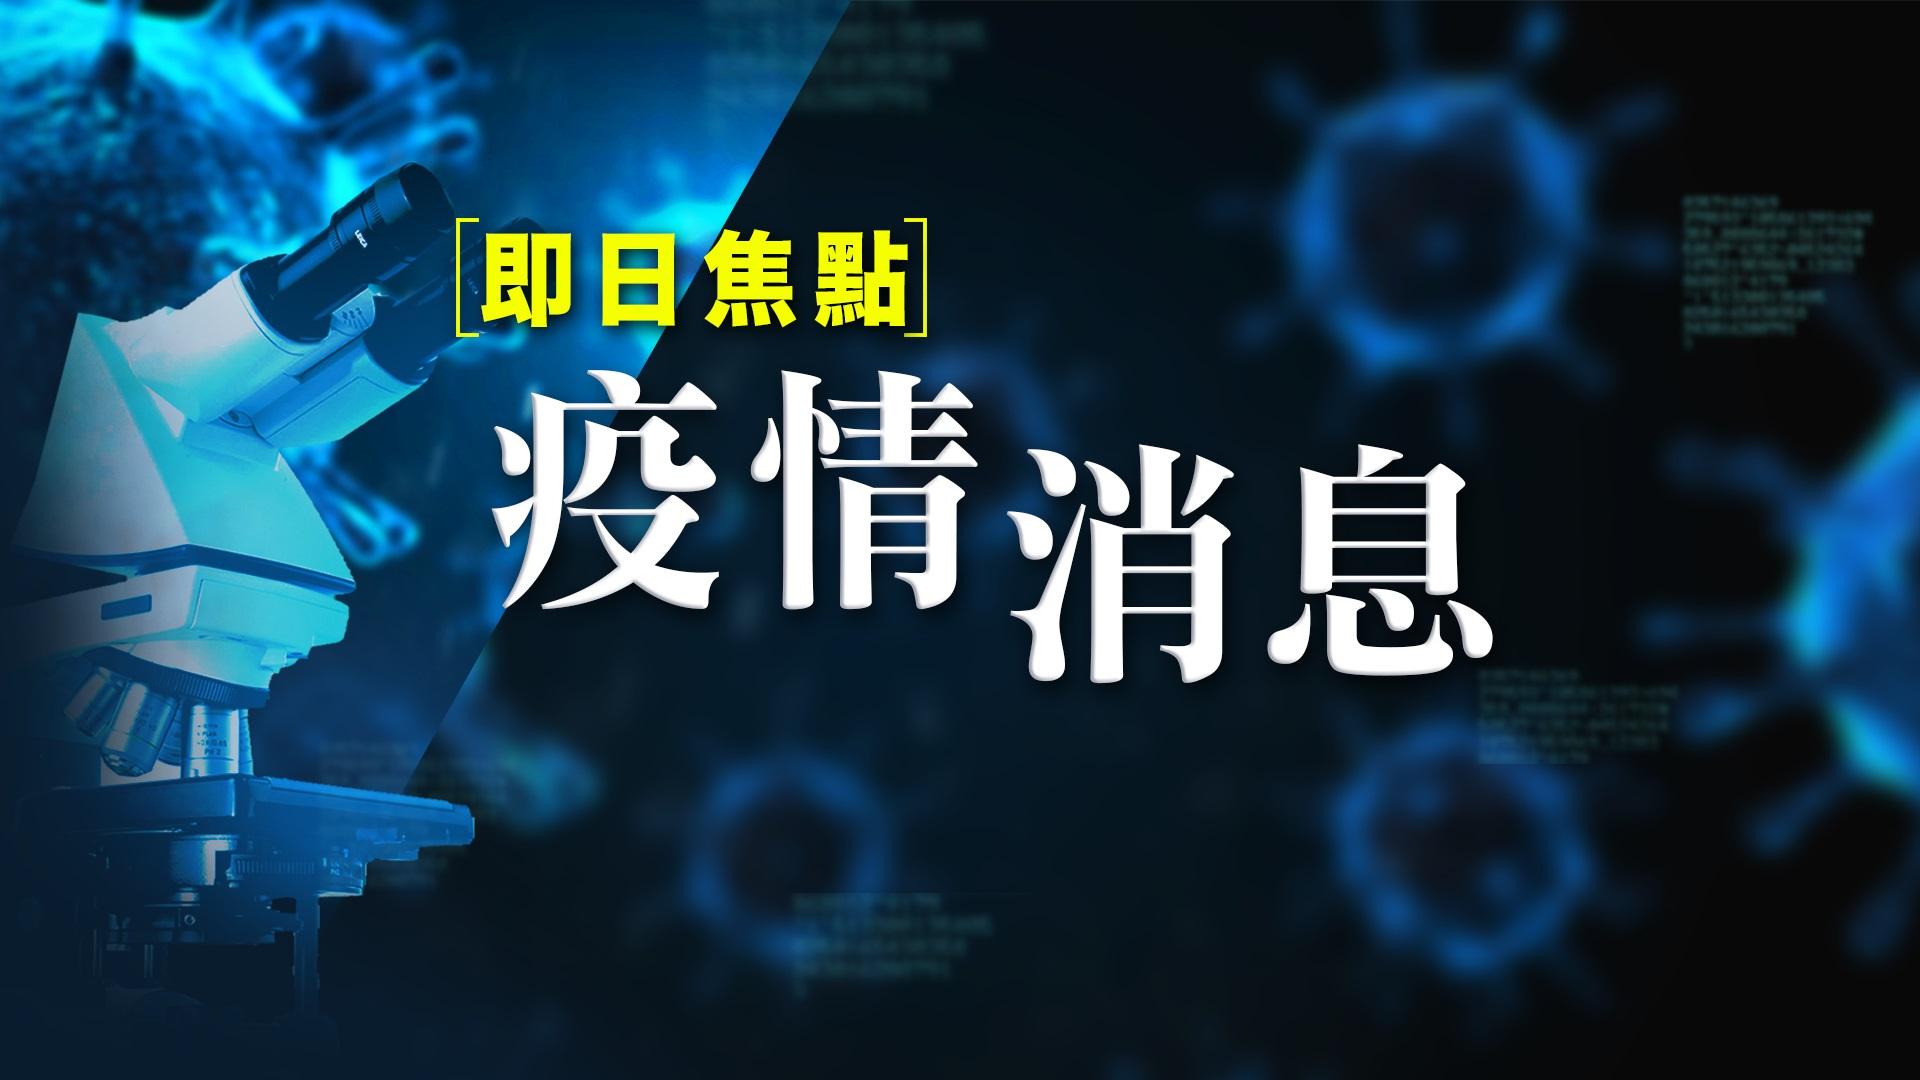 【即日焦點·疫情消息】醫院藥劑師學會:本港獲治療新型肺炎新藥「瑞得西韋」機會較低;南韓馬來西亞擬擴大限制外國旅客入境範圍